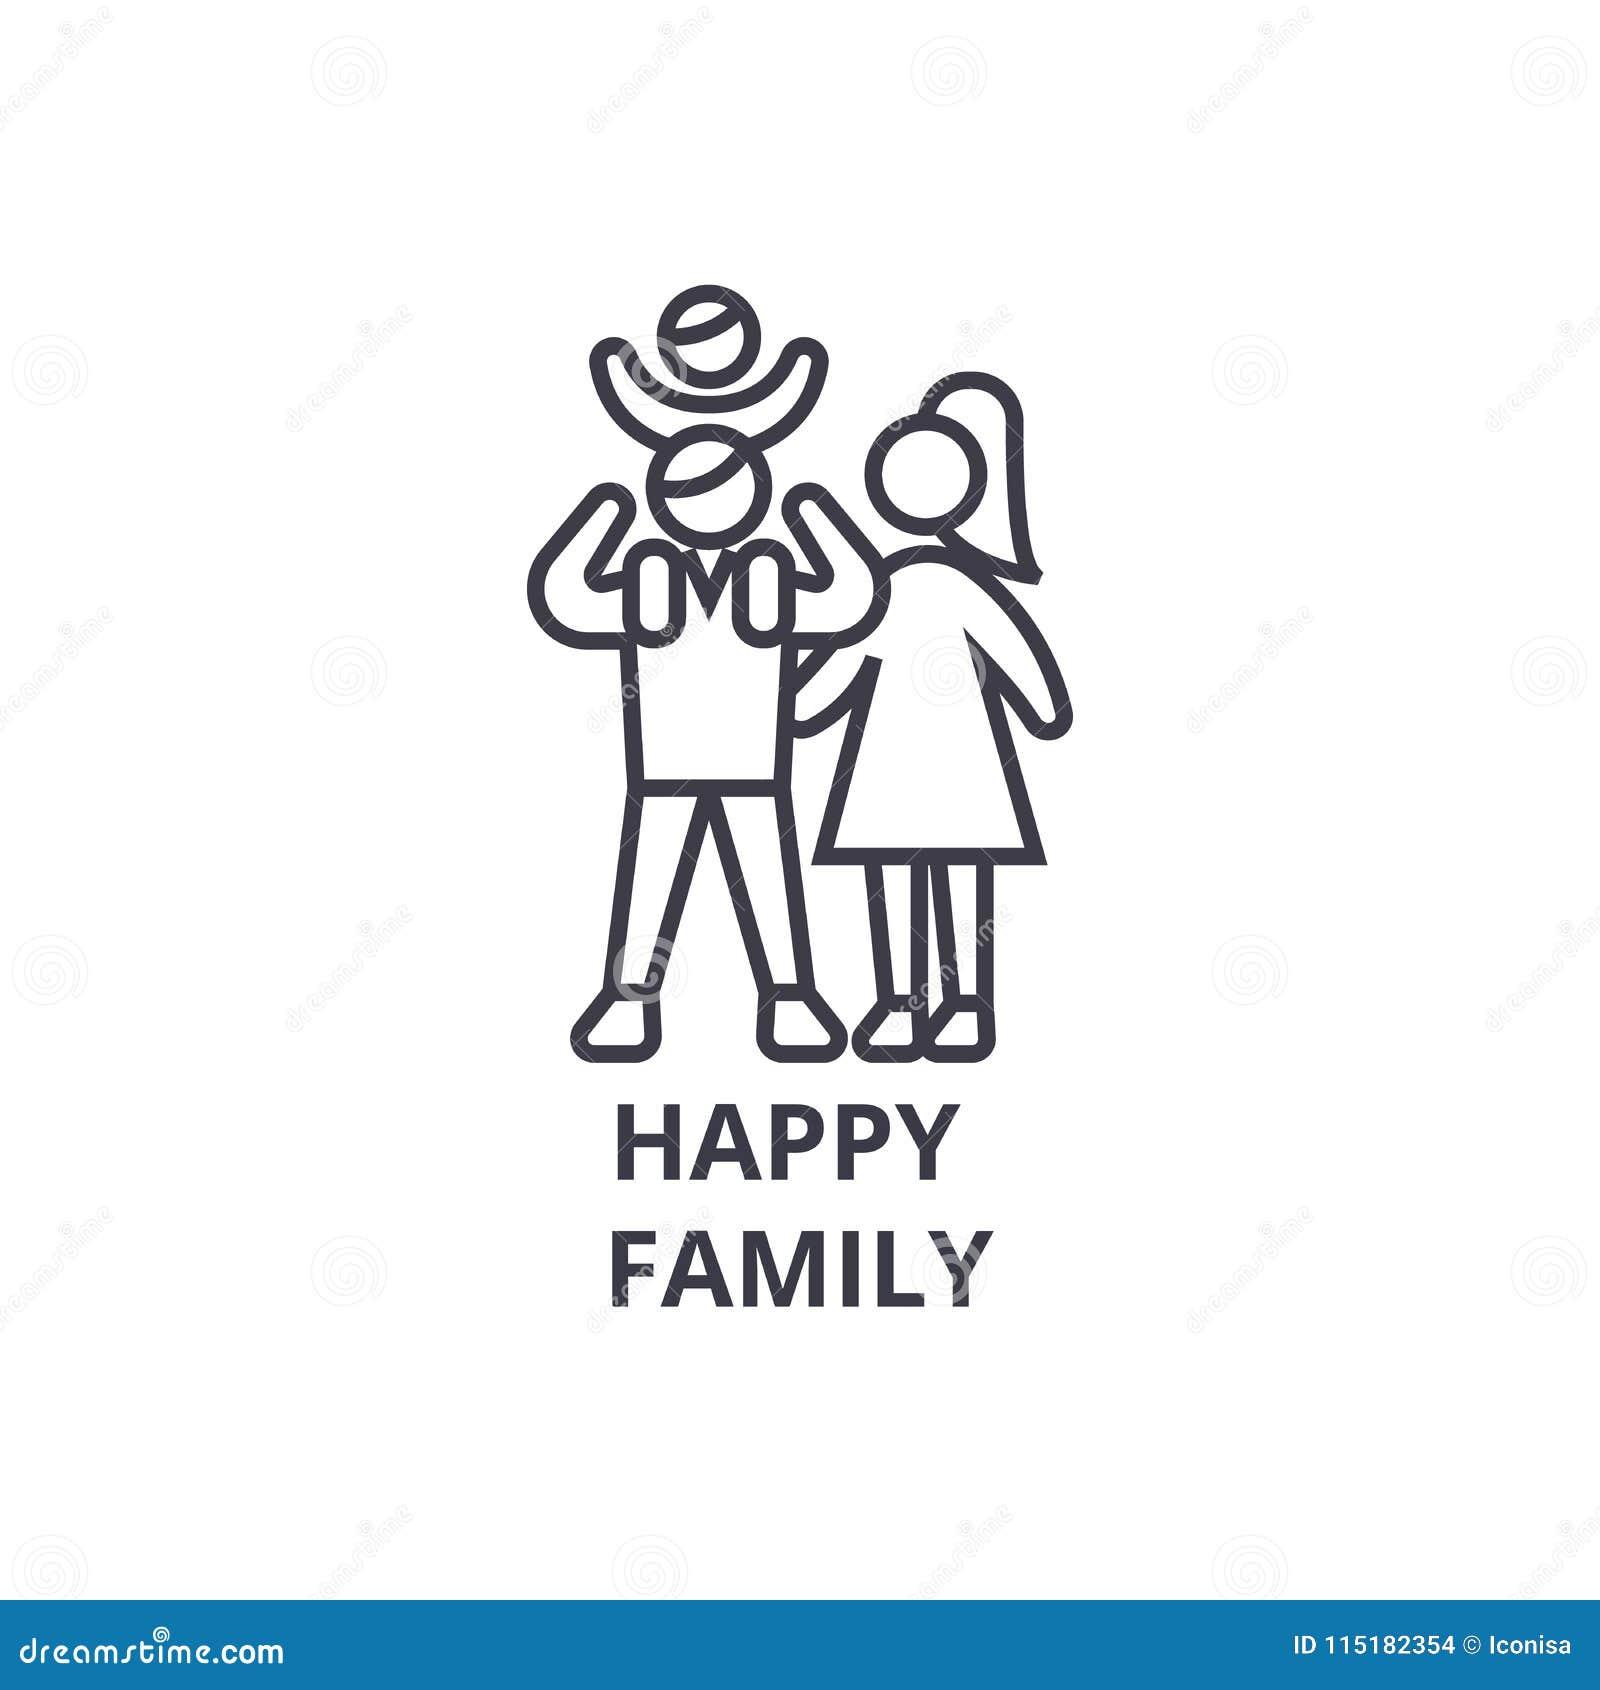 Tunn linje symbol, tecken, symbol, illustation, linjärt begrepp, vektor för lycklig familj